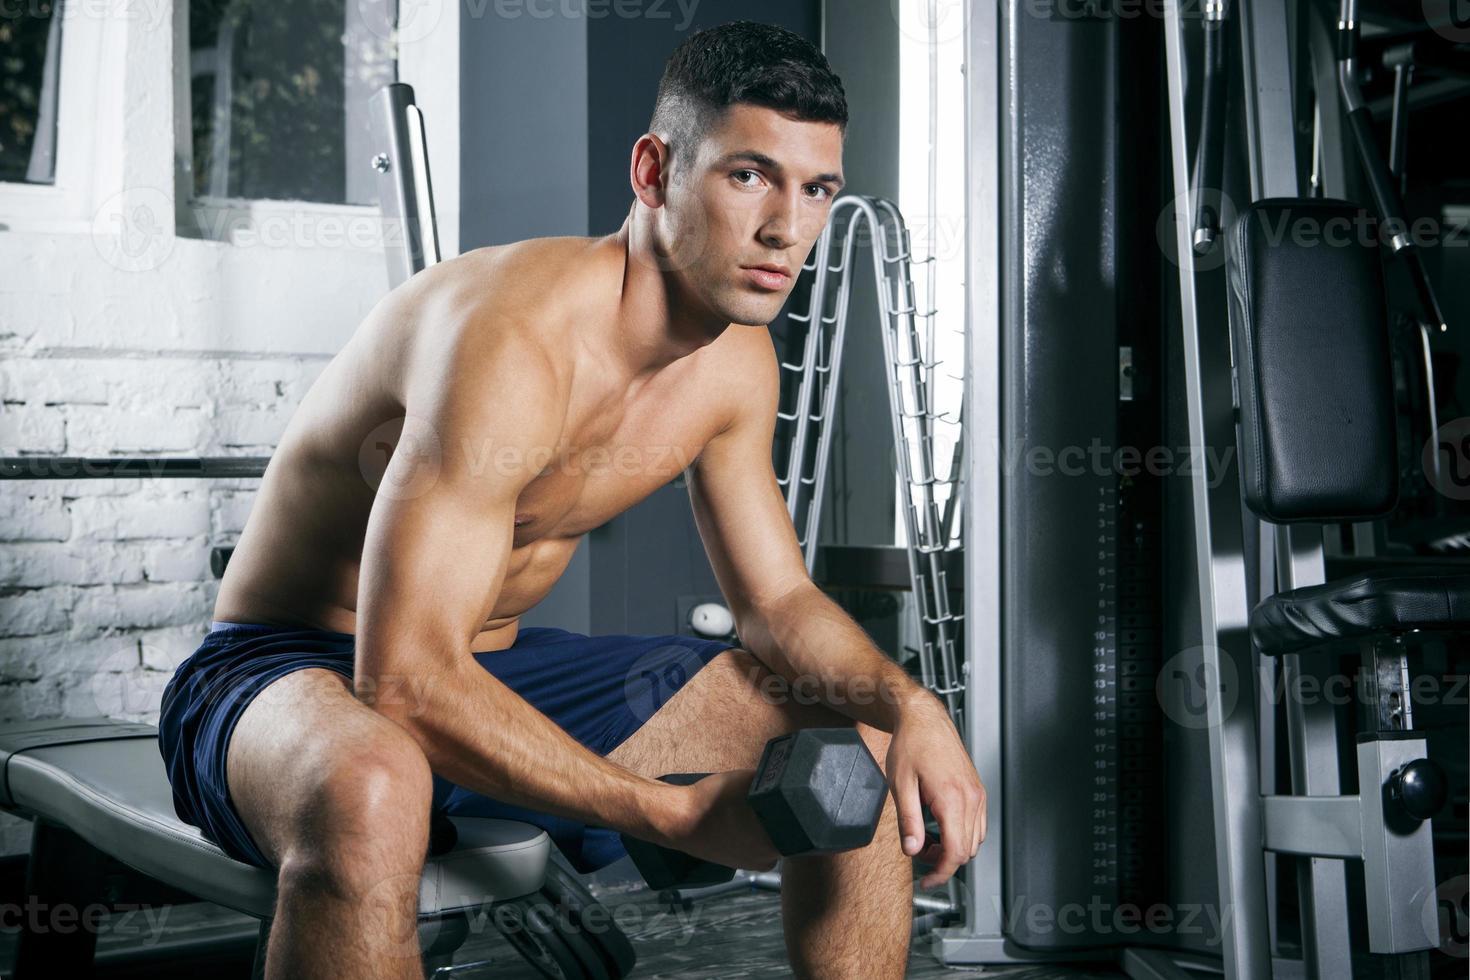 homem musculoso treinando com halteres no ginásio foto